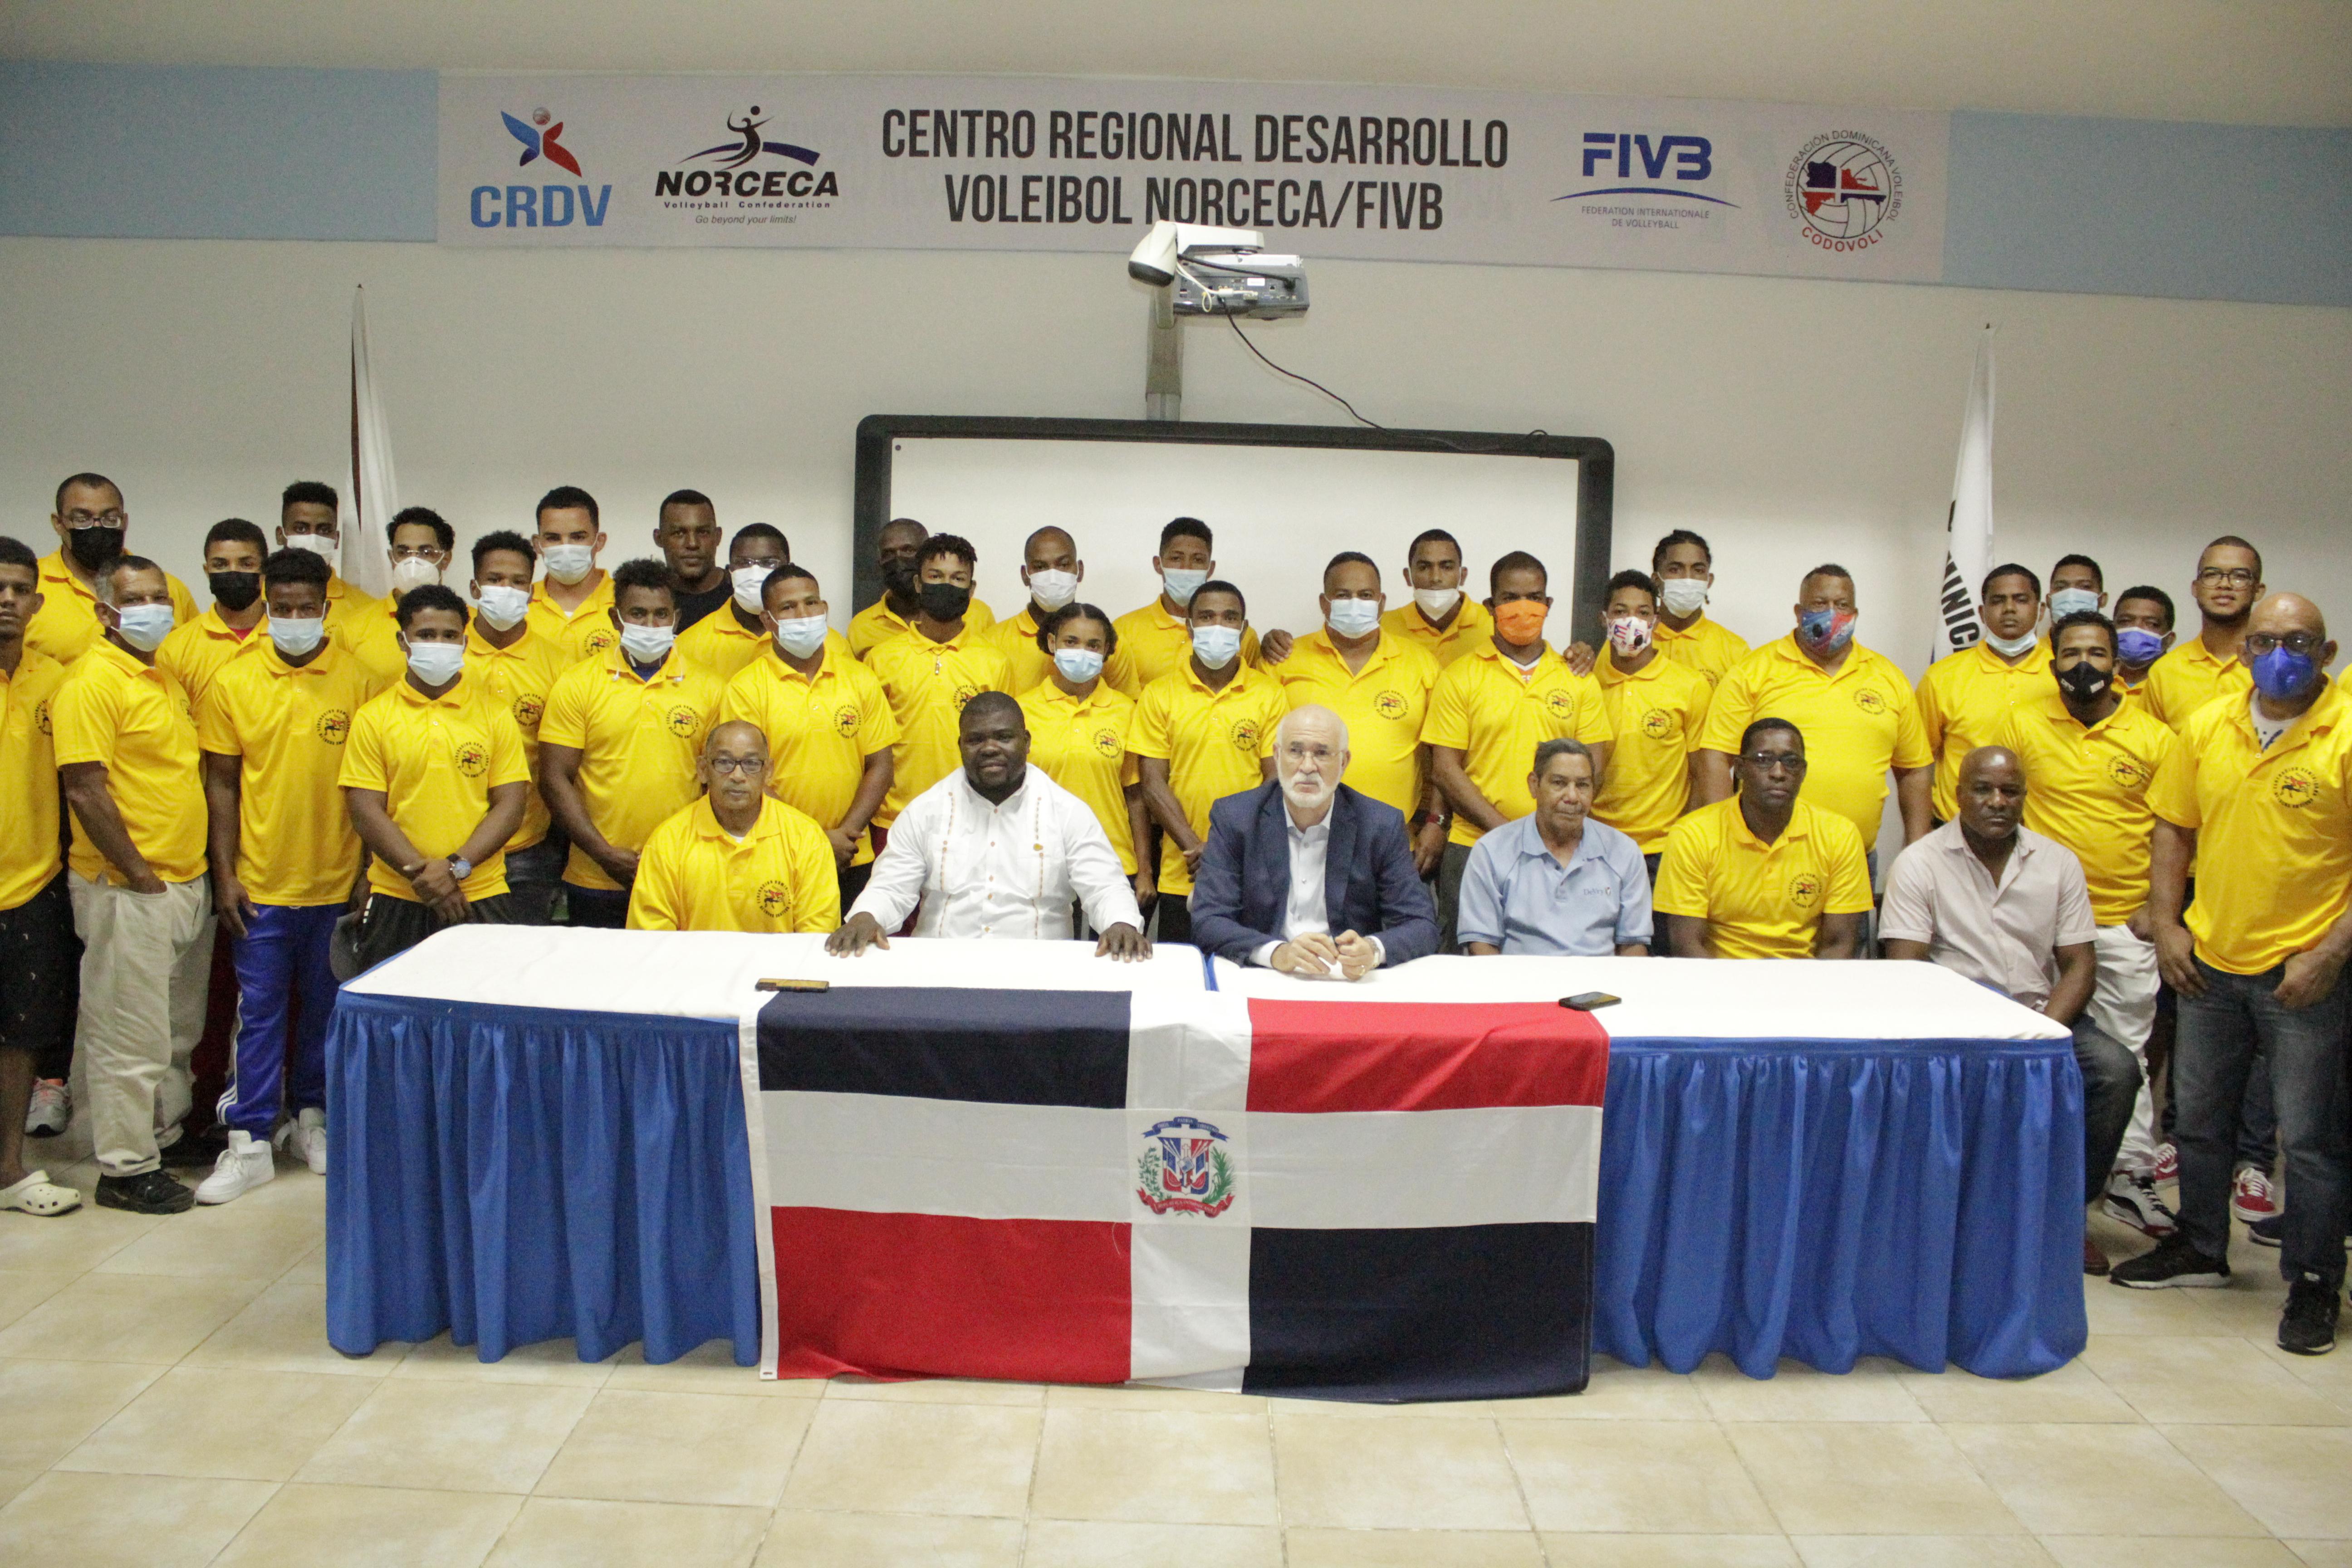 Fedola trabaja en el fortalecimiento de las asociaciones de lucha